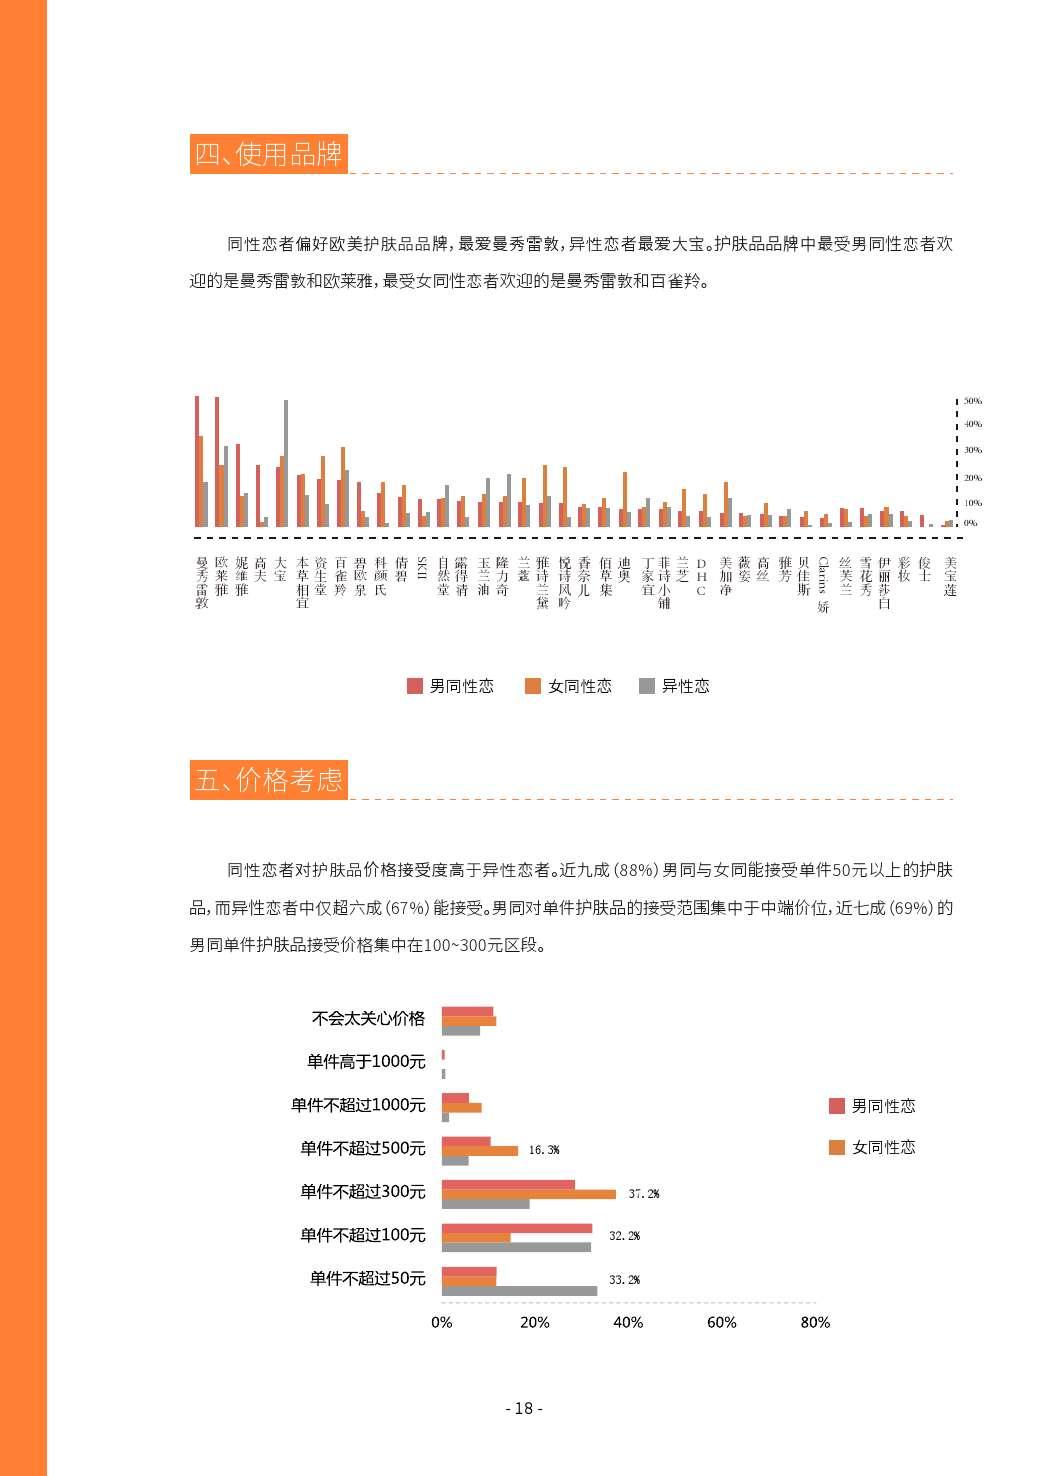 第二届中国LGBT群体消费调查报告_000018